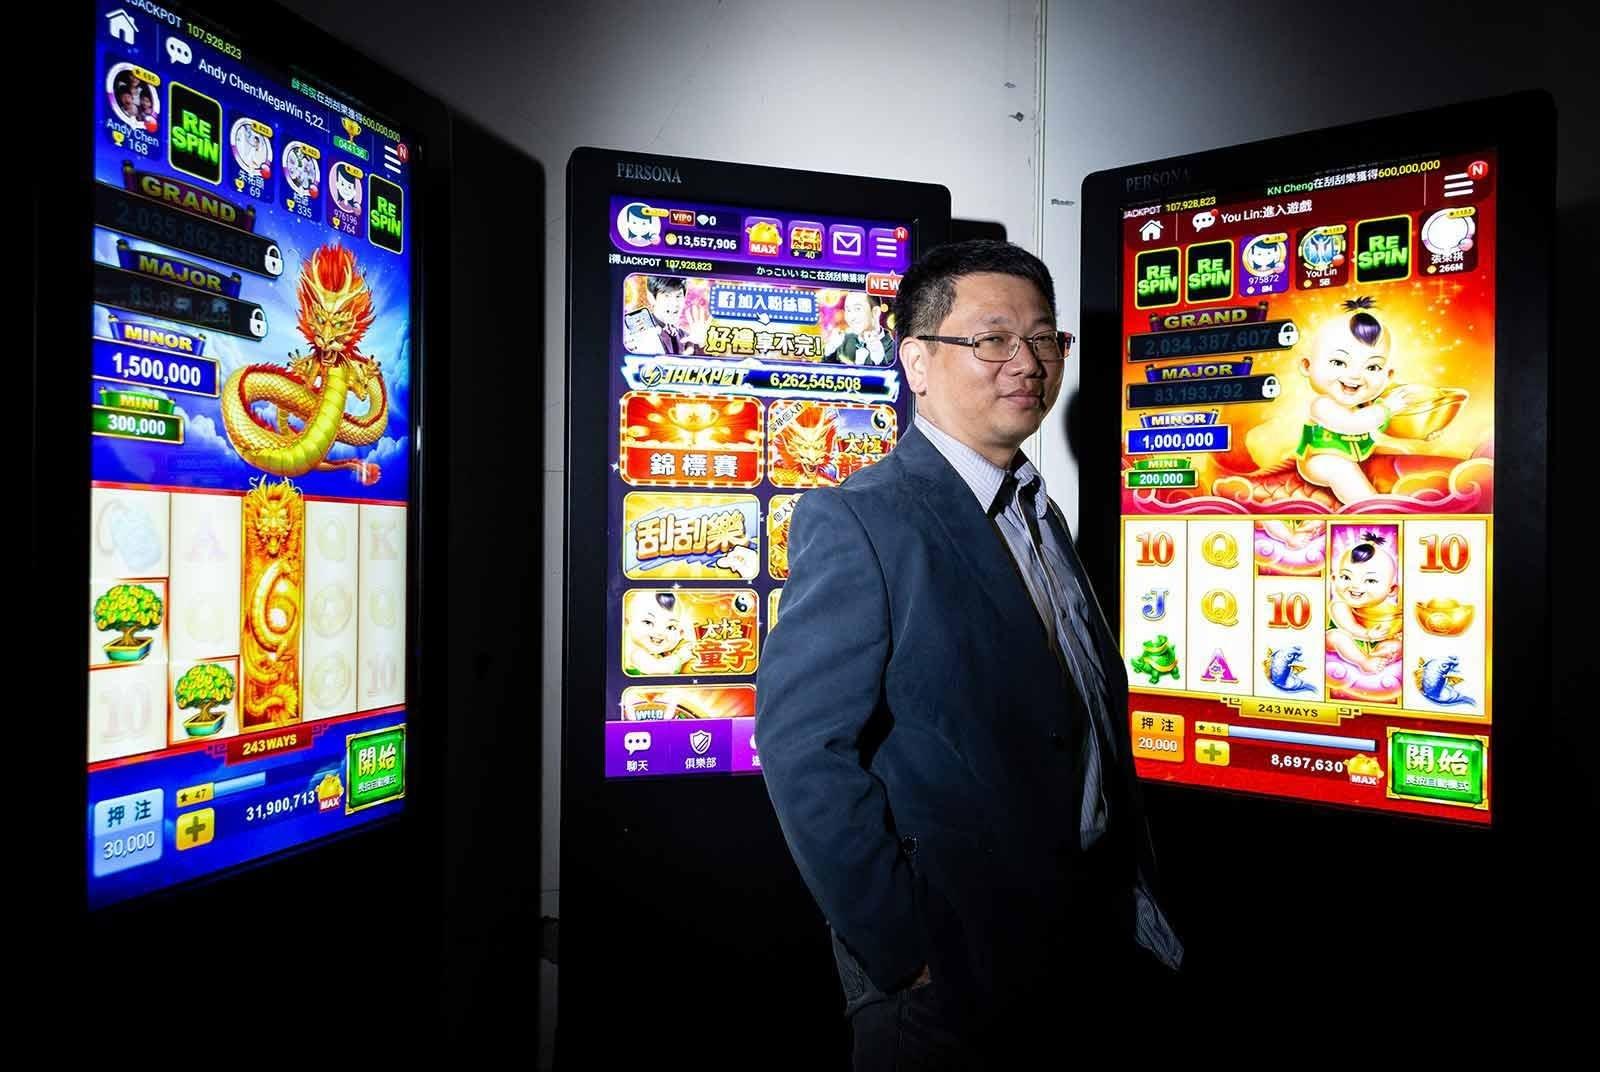 台湾两大博弈游戏公司上市历程,重度博弈公司依赖借壳上市